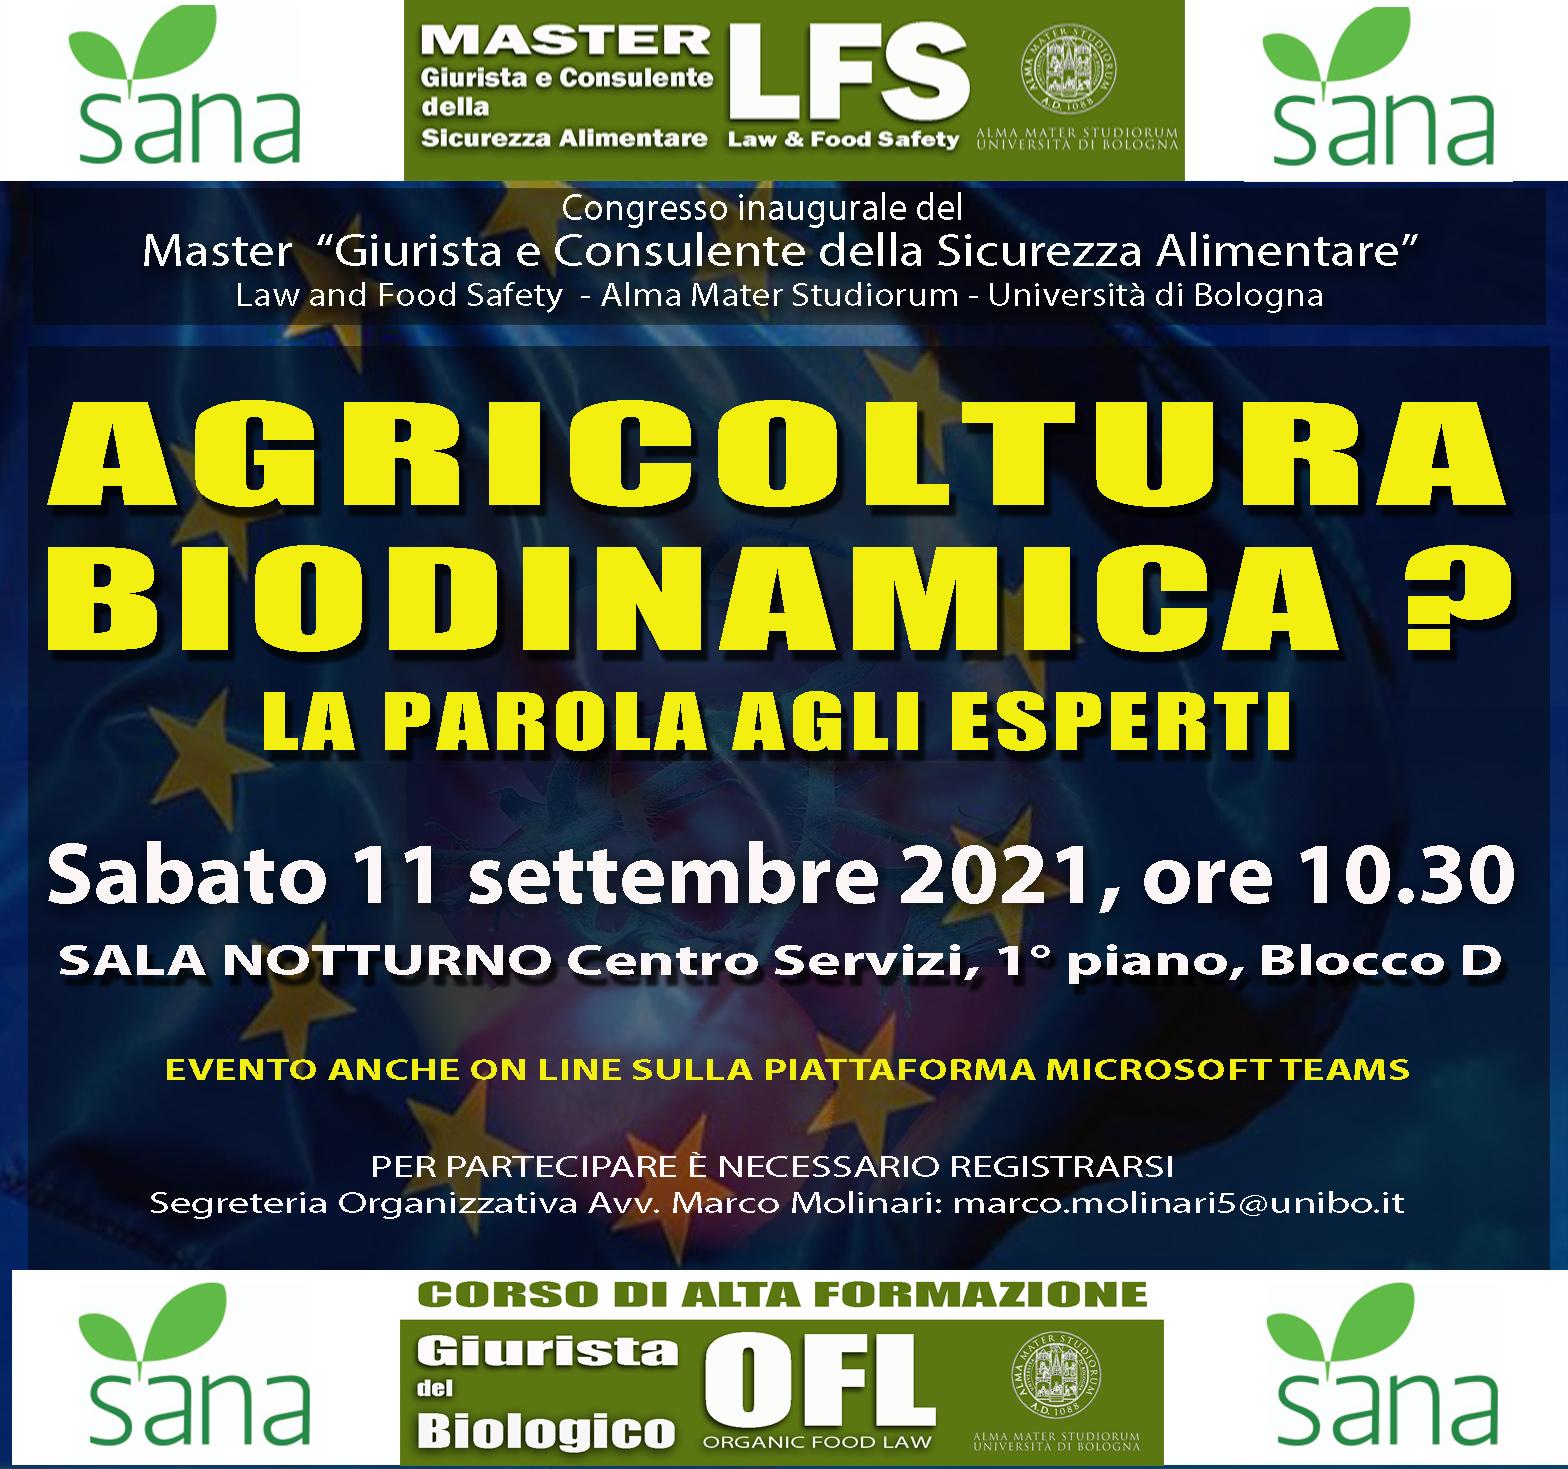 CONGRESSO SANA 2021 – AGRICOLTURA BIODINAMICA?  LA PAROLA AGLI ESPERTI – 11 SETTEMBRE 2021 – ORE 10.30